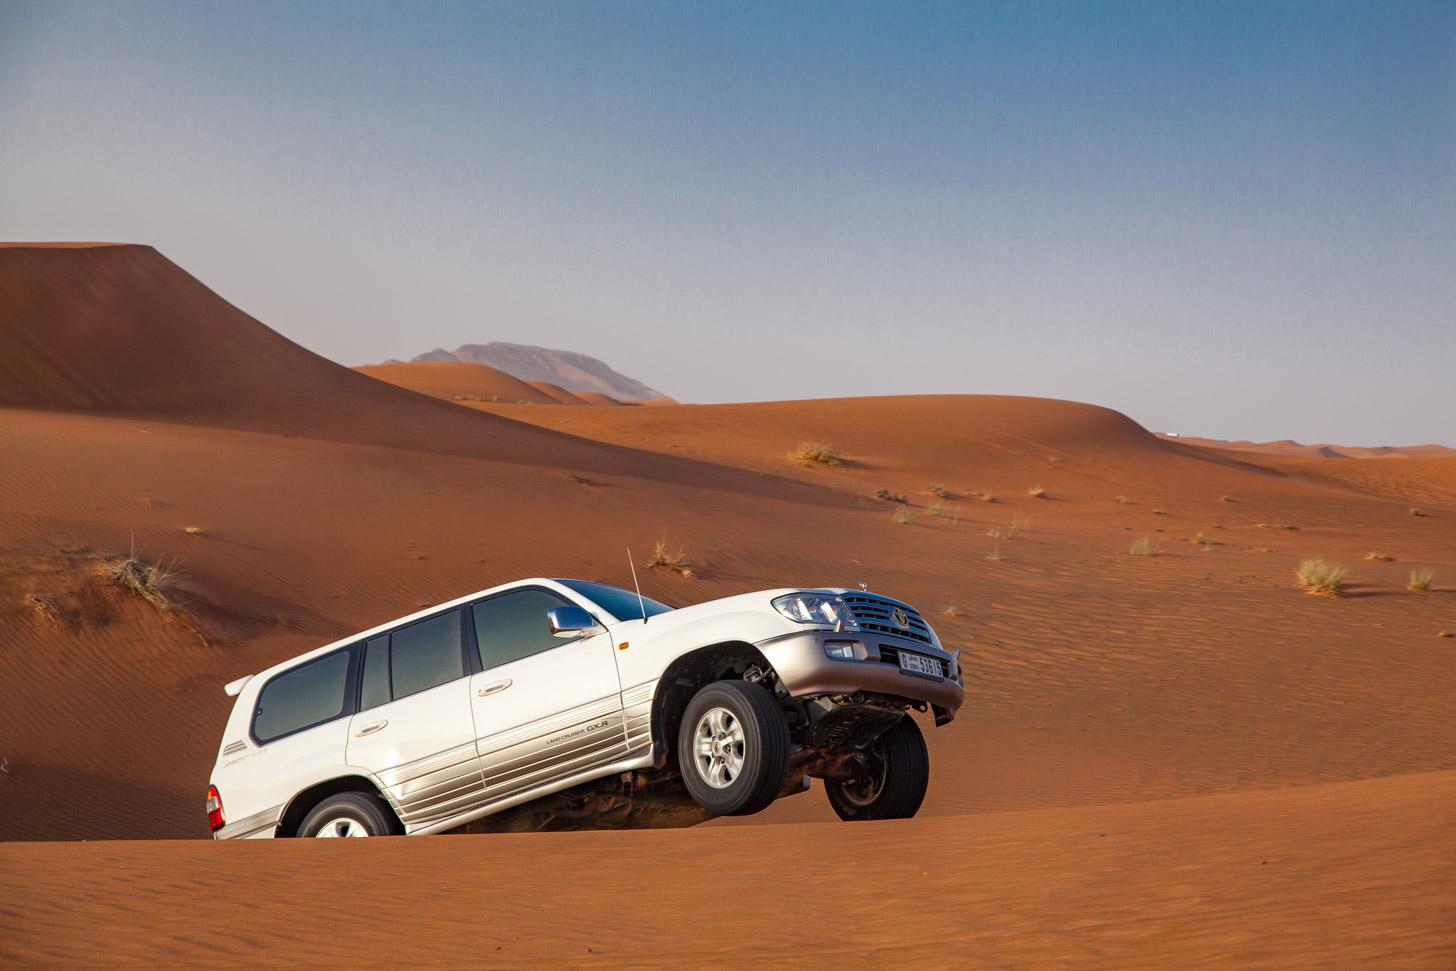 De leukste manier om de woestijn van Dubai te verkennen is tijdens een desert safari